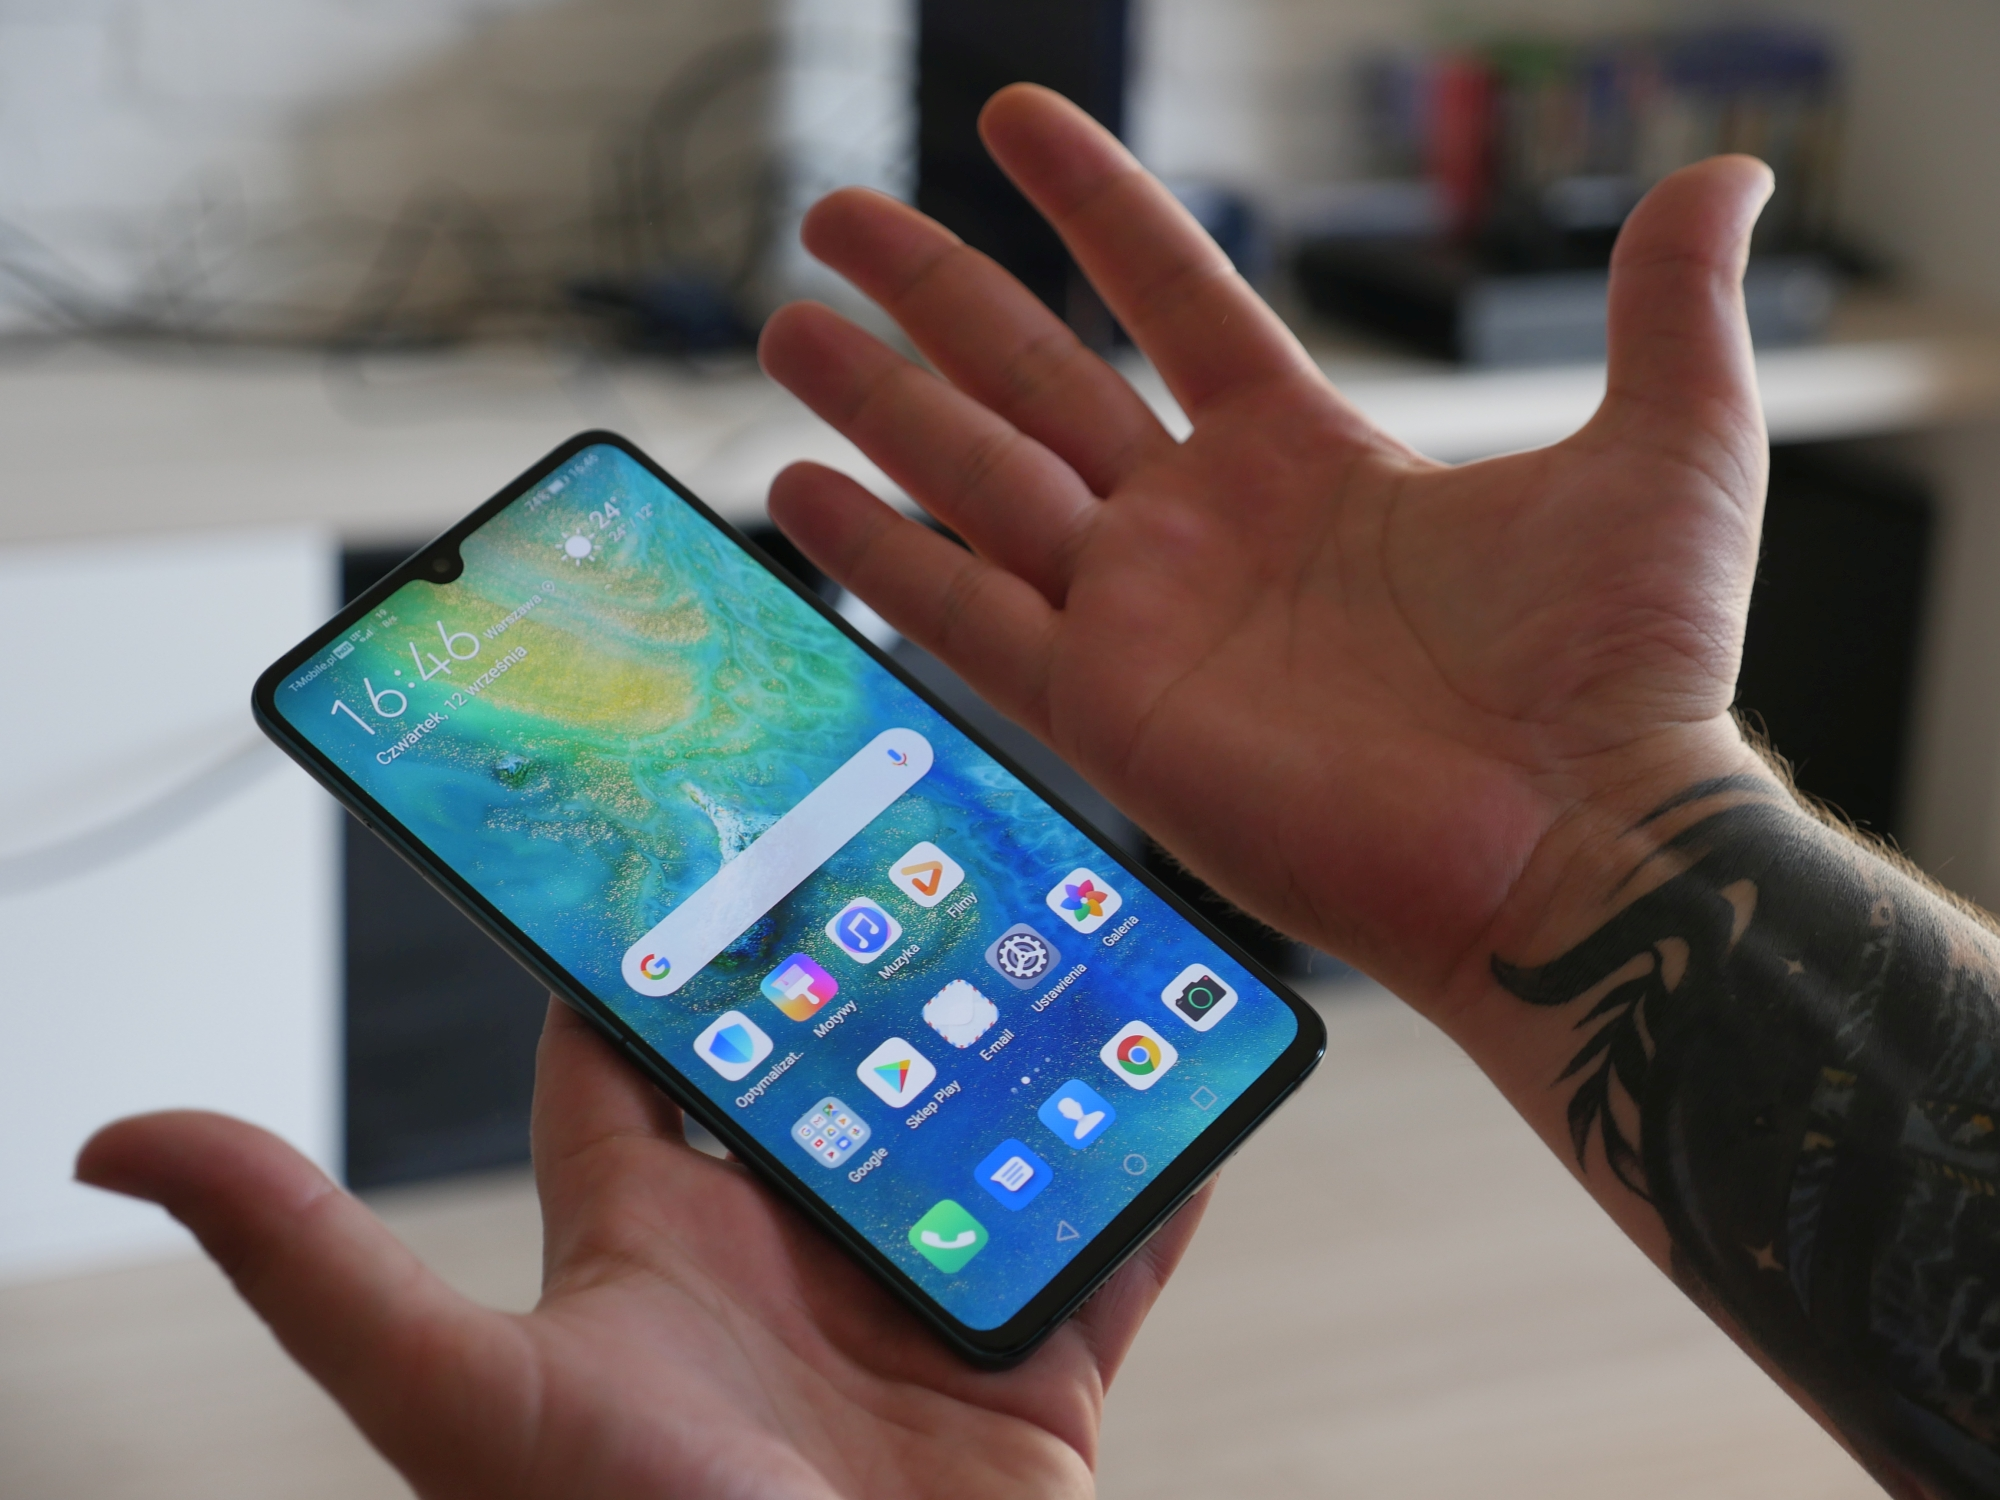 Sieć 5G Polsce: jeśli Huawei zostanie odsunięte od rozbudowy, ceny za usługi operatorów wzrosną